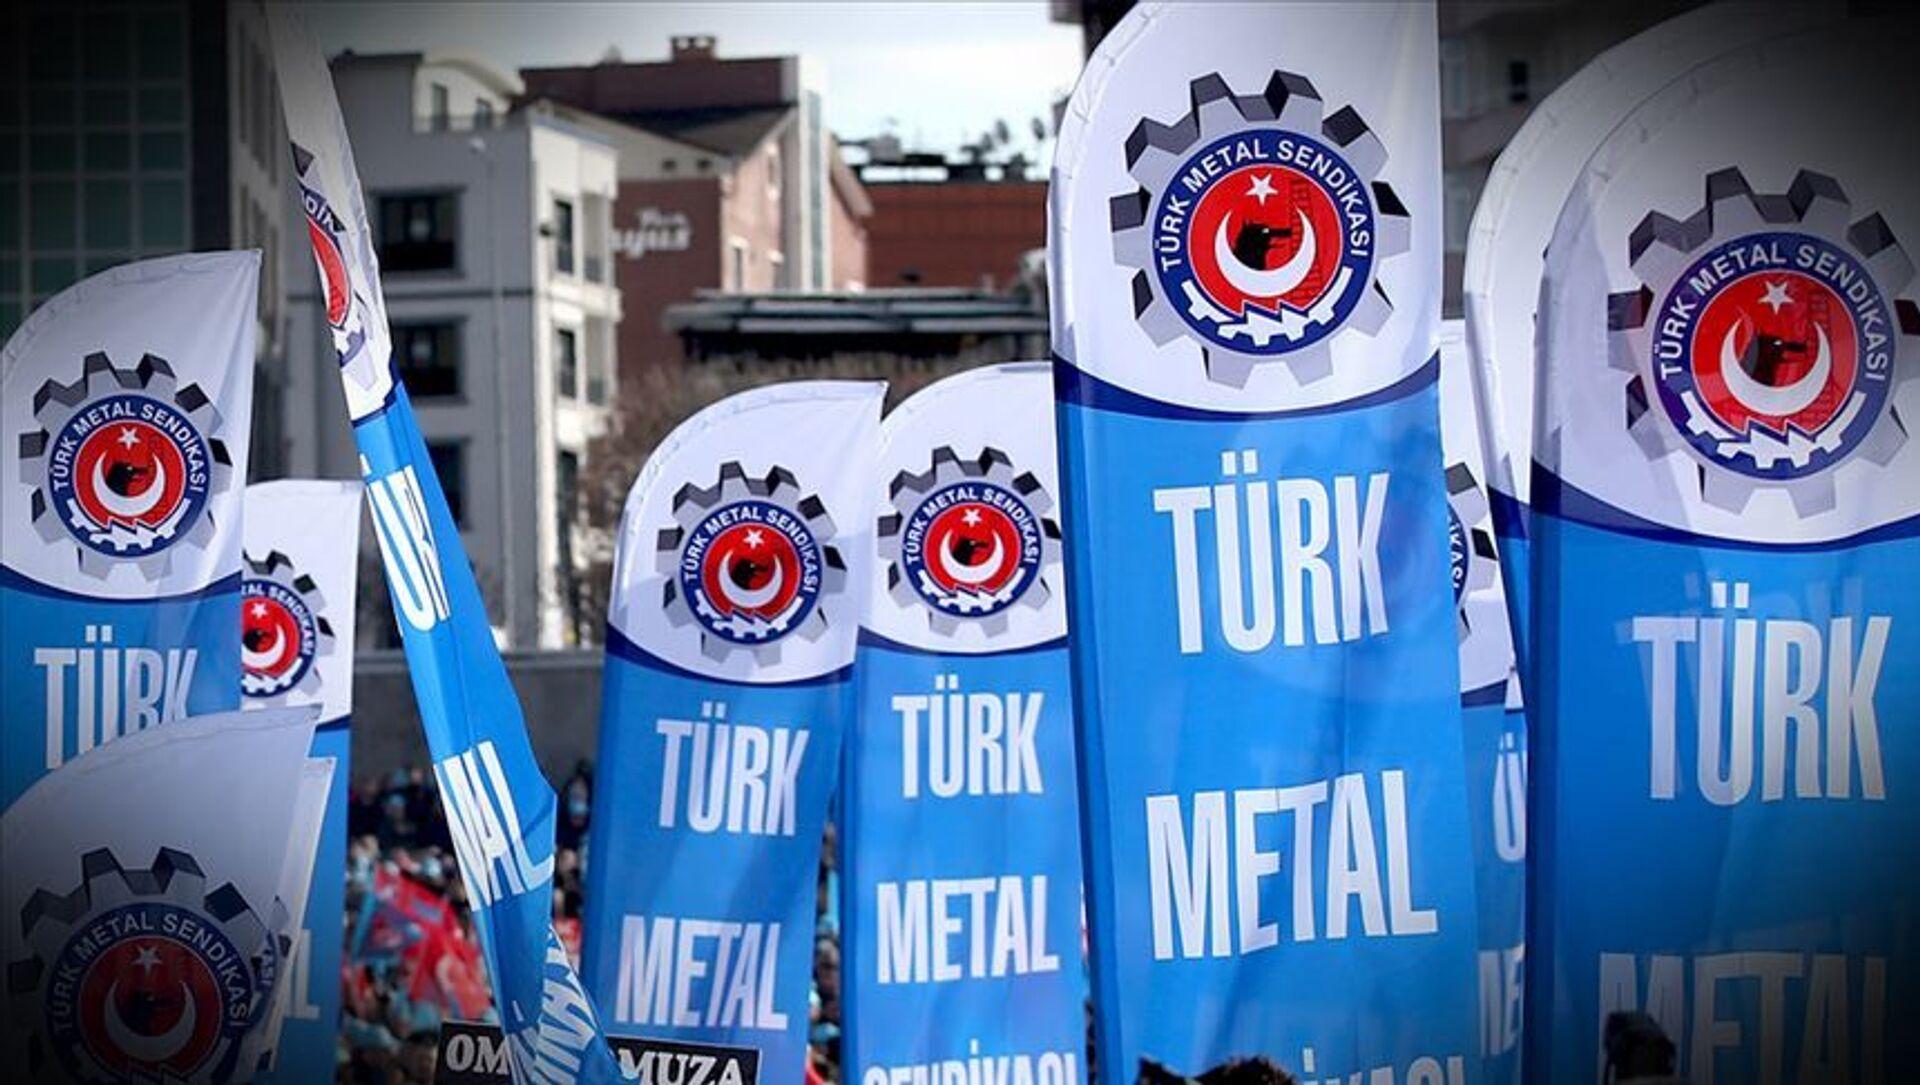 Türk metal iş sendikası - Sputnik Türkiye, 1920, 14.04.2021